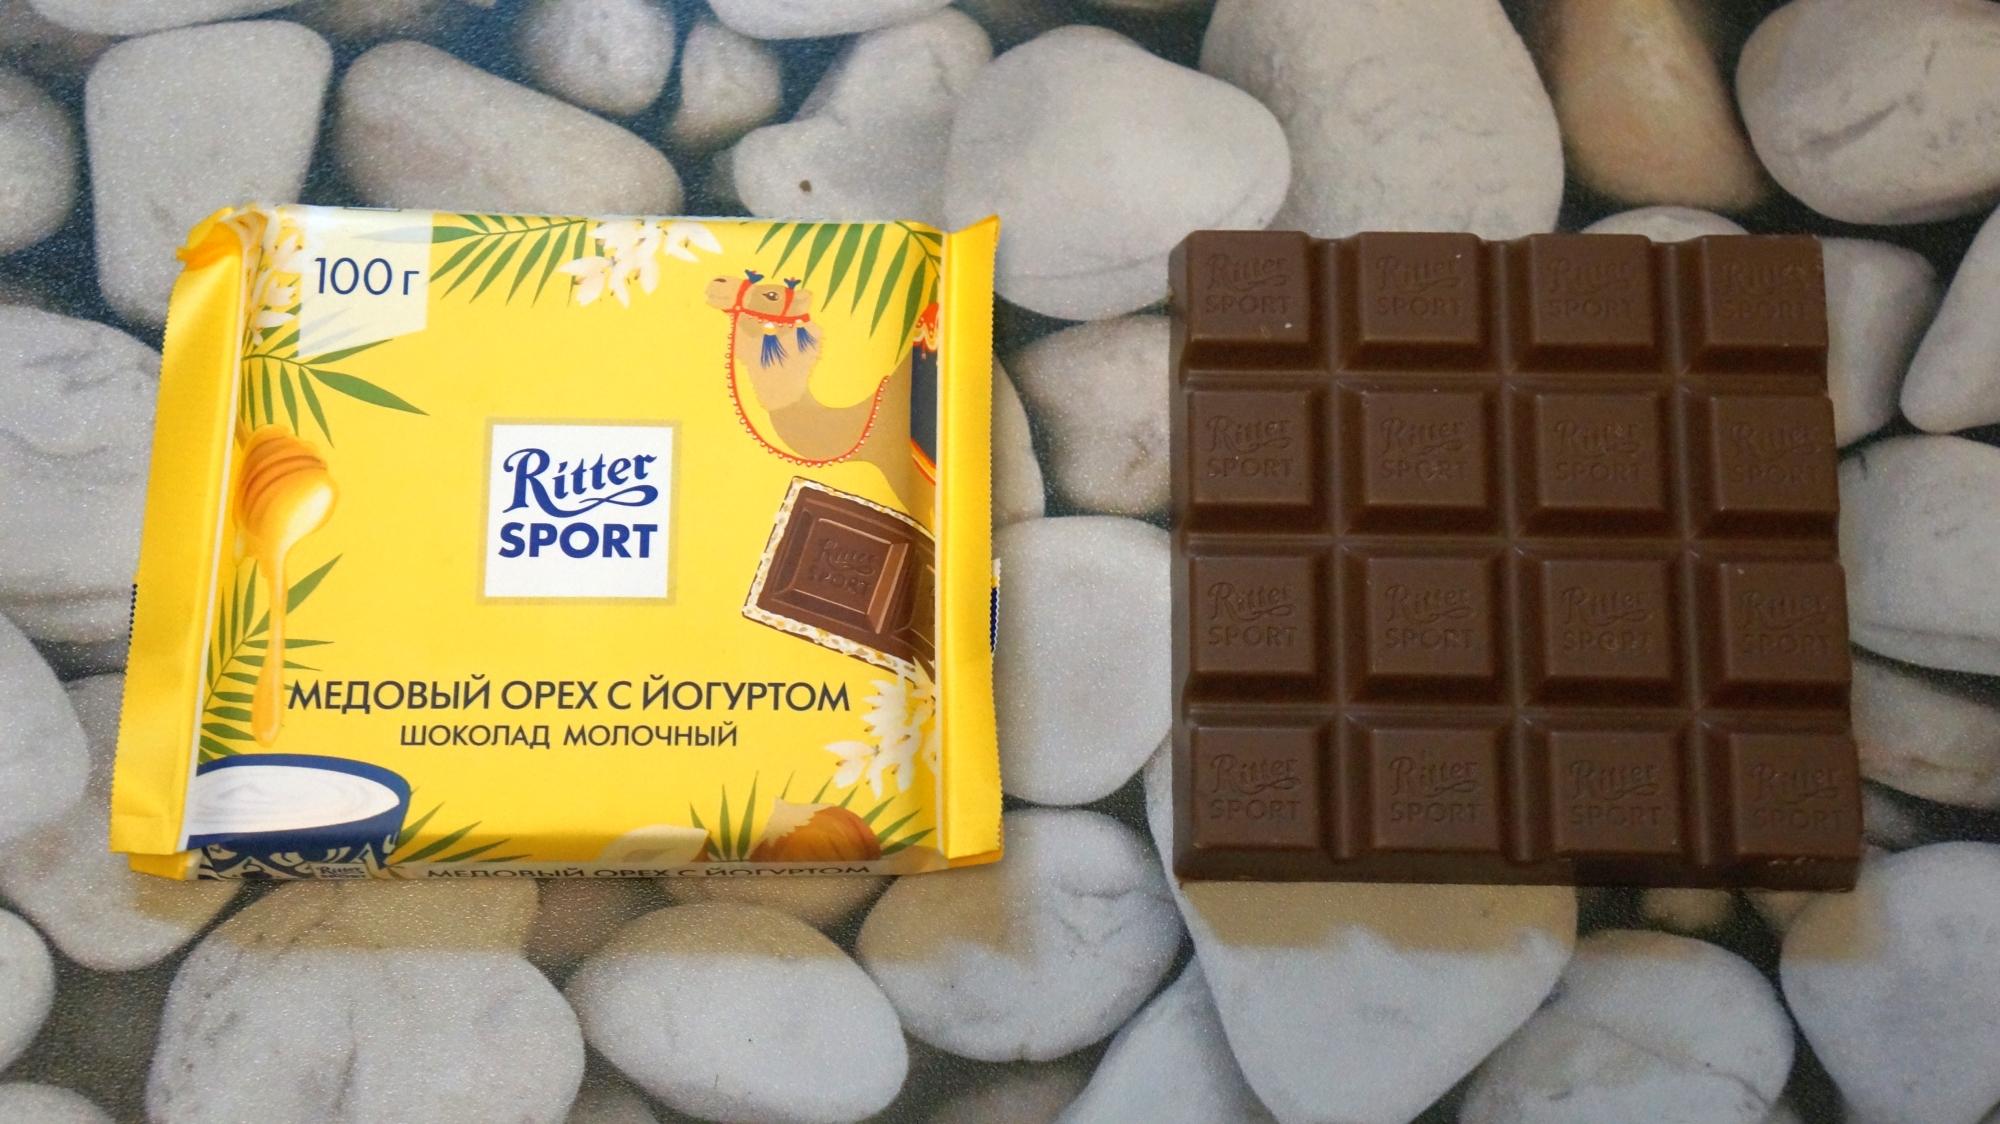 Шоколад Ritter Sport Медовый орех с йогуртом